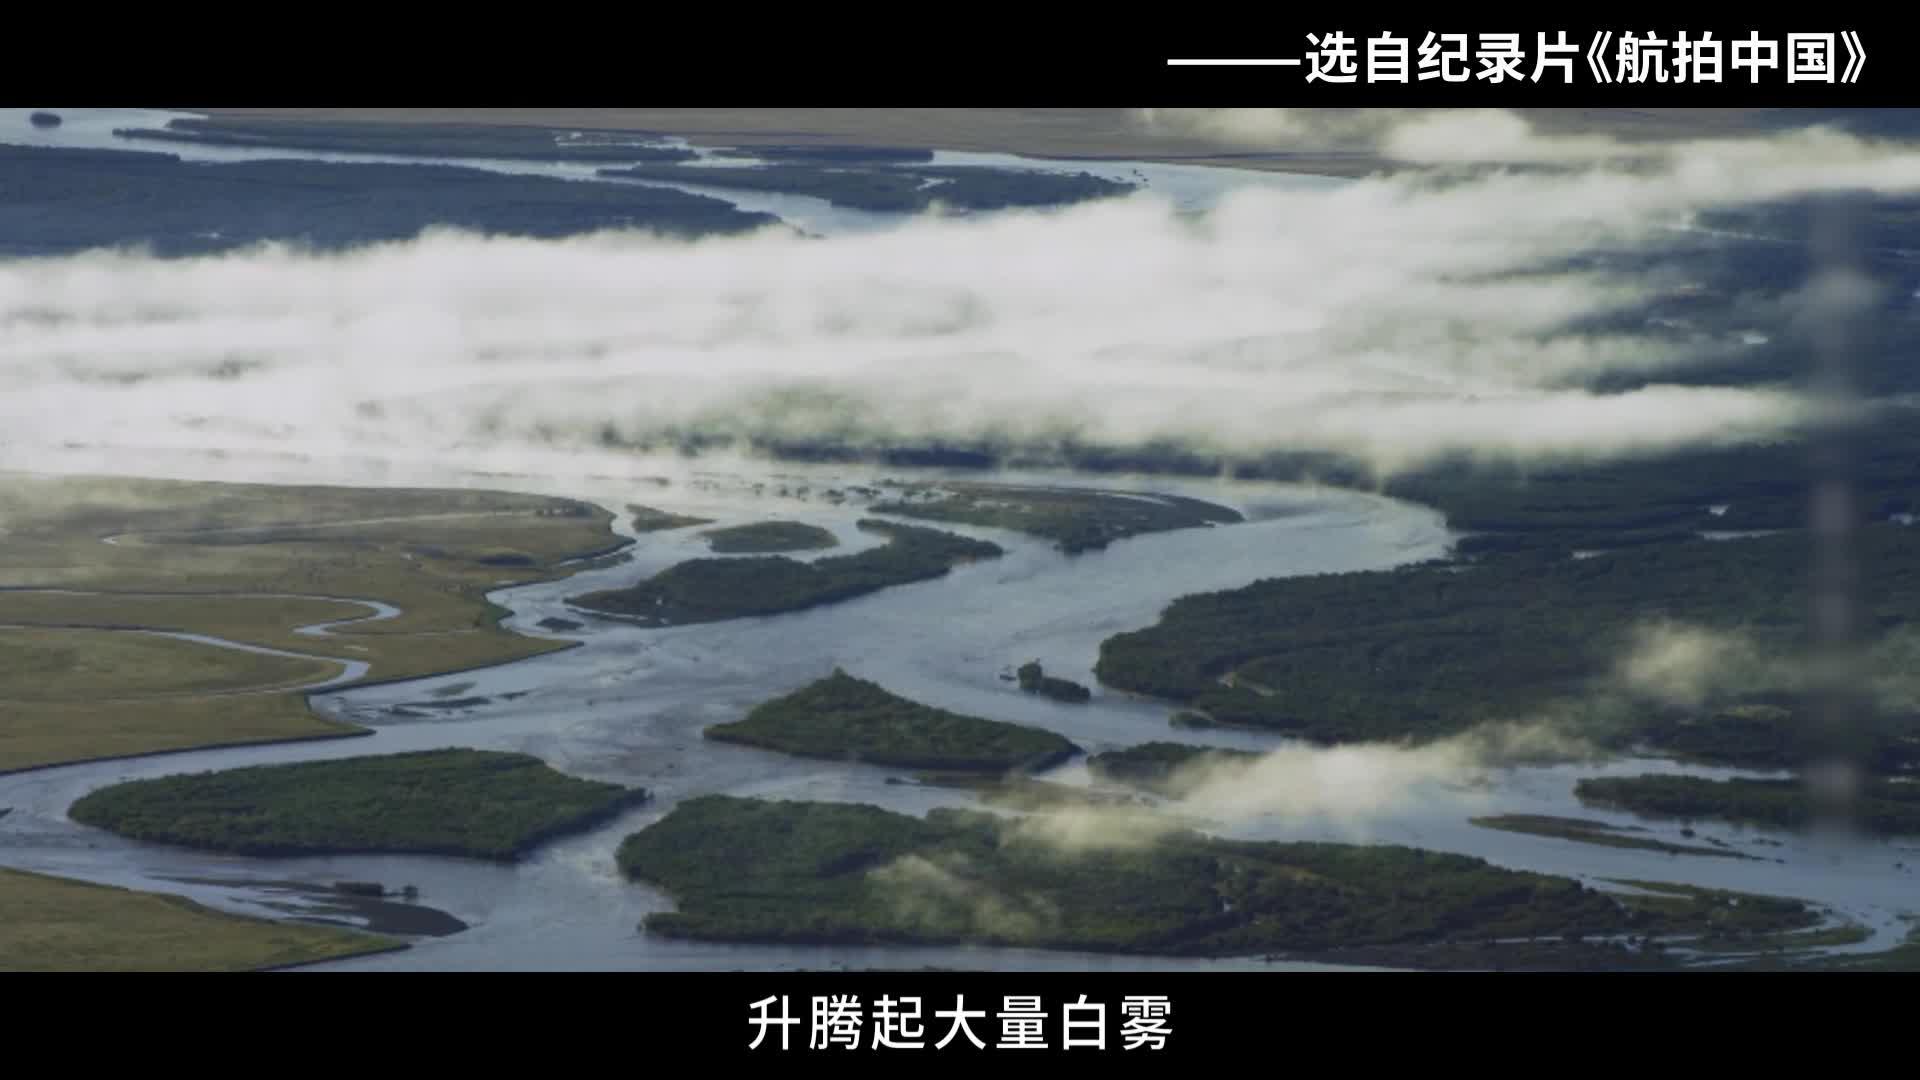 《科学嘻游记》 第29集 自然界中的水循环